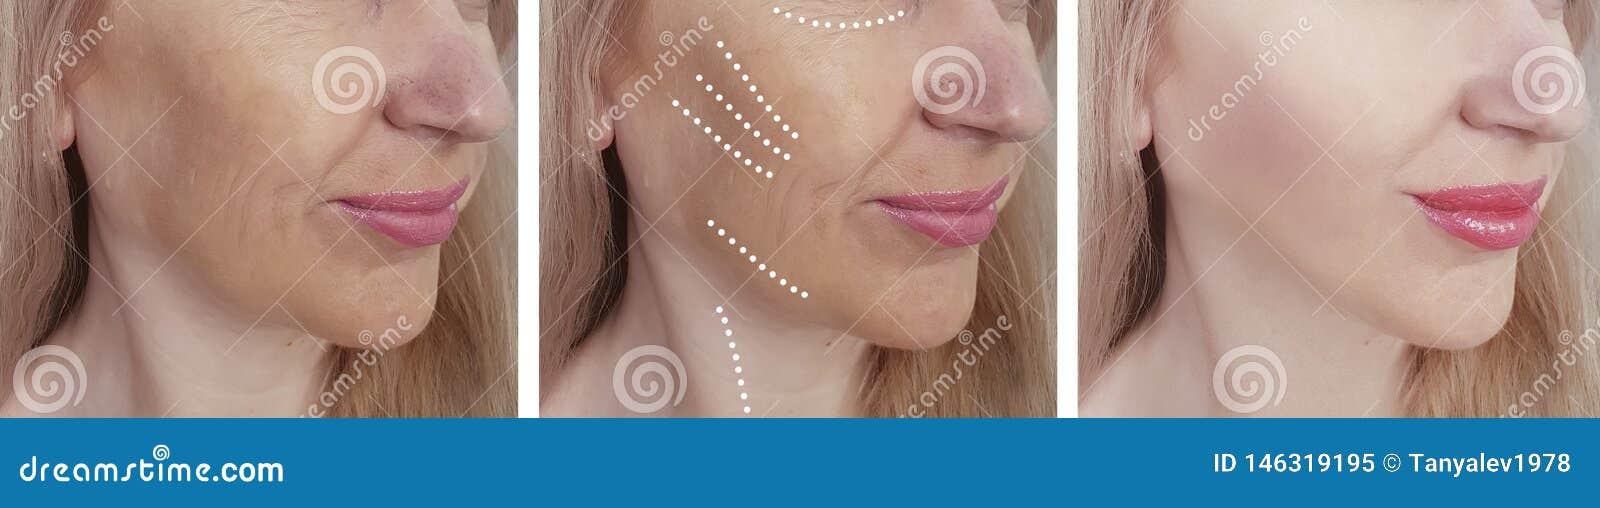 La cara de la mujer arruga antes despu?s de la correcci?n de hidrataci?n de hidrataci?n del biorevitalization del tratamiento del